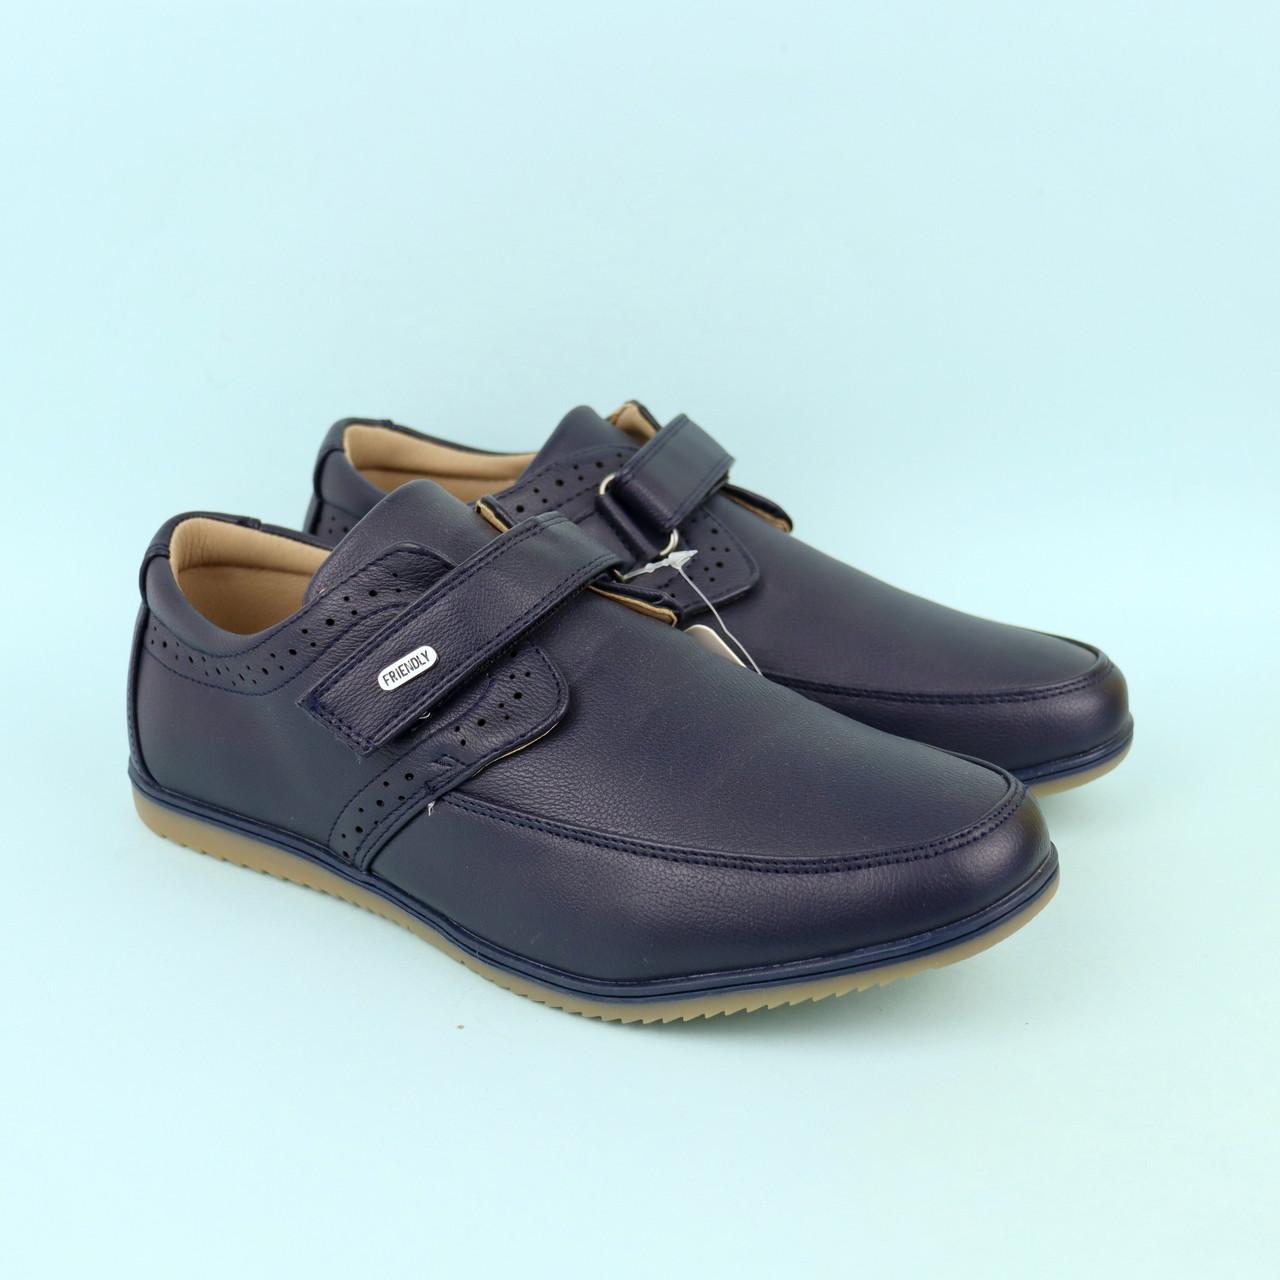 Школьные синие туфли и мокасины броги для мальчика на липучке тм Том.м р.37,38